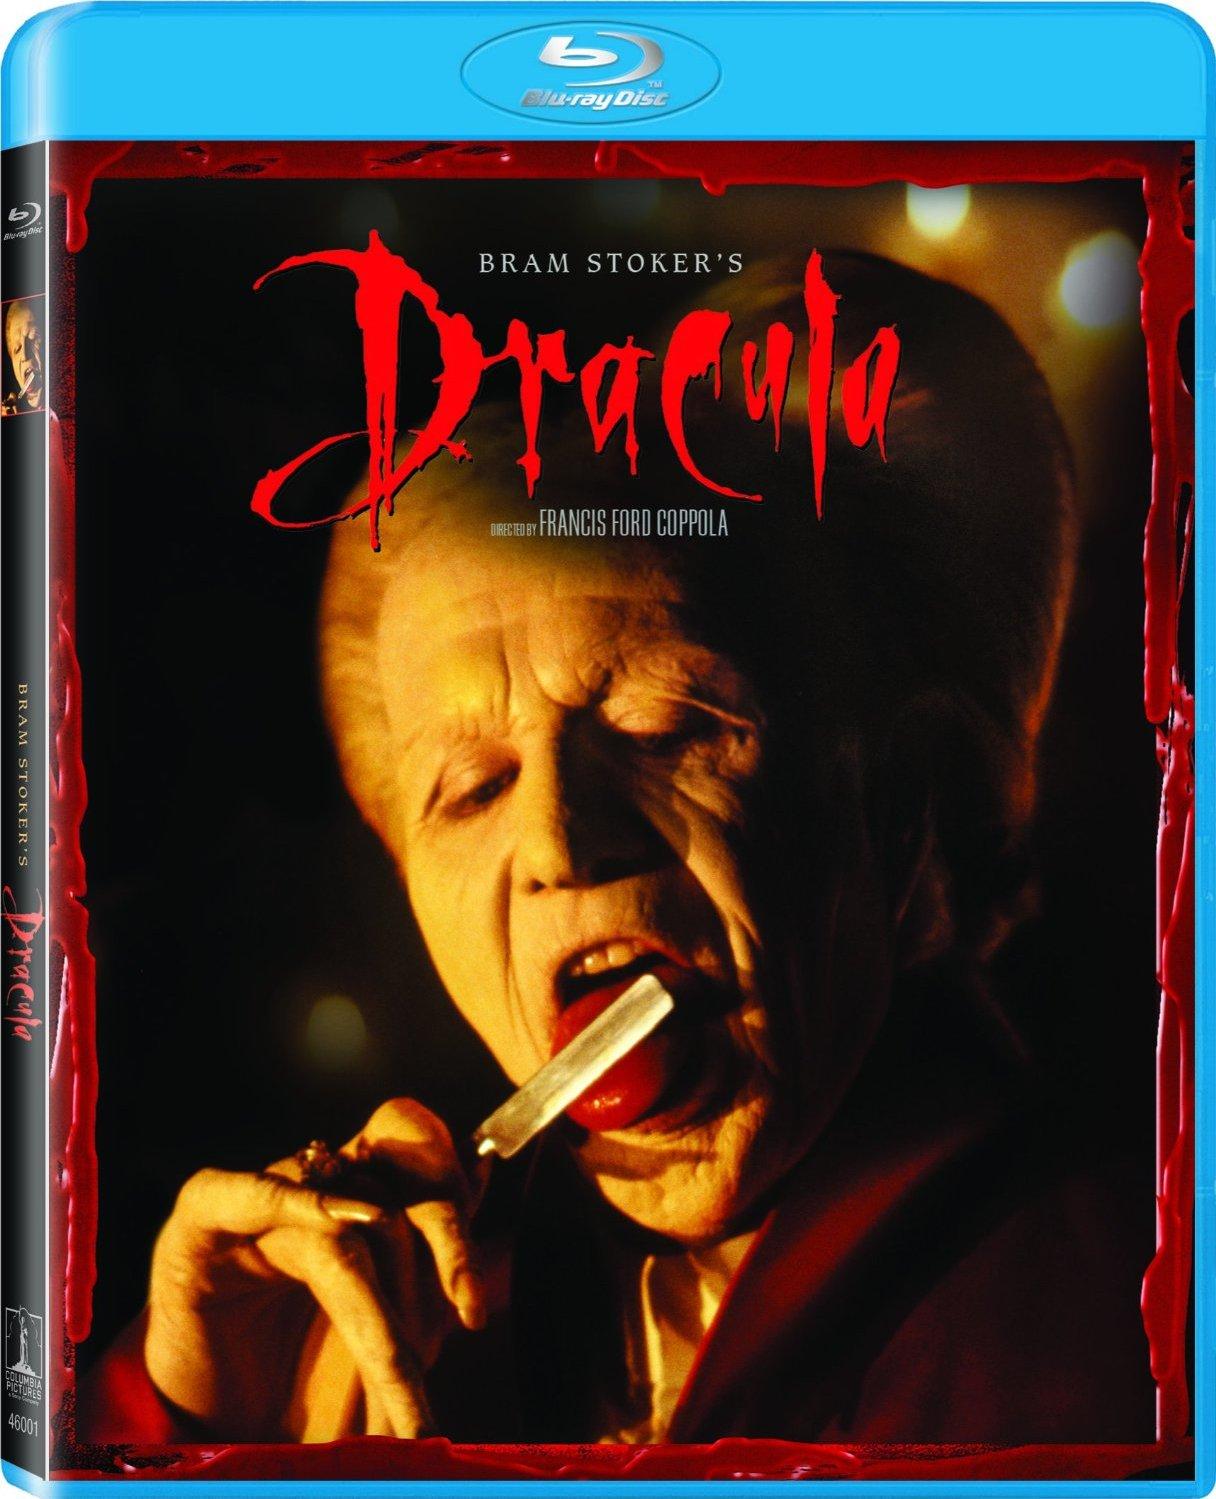 Bram Stoker's Dracula (1992) Remastered 720p 1GB Blu-Ray Hindi Dubbed Dual Audio [Hindi DD 5.1 – English DD 5.1] MKV